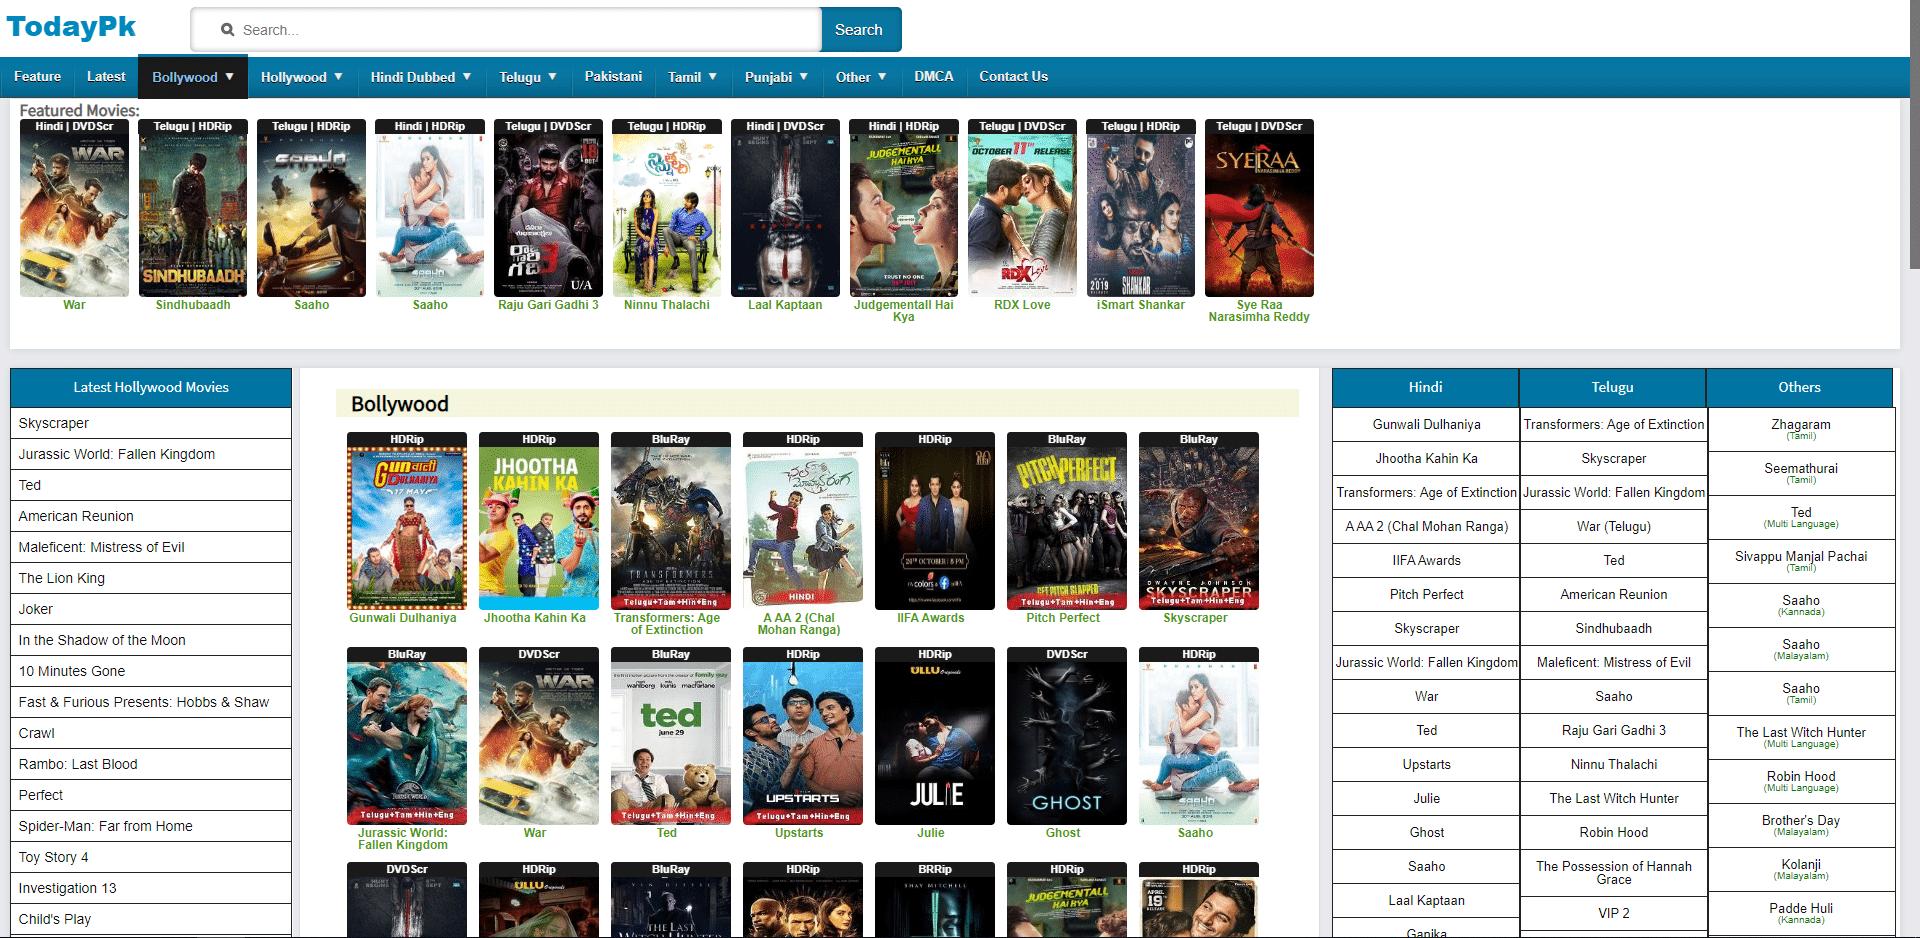 todaypk 2020 telugu movies watch online